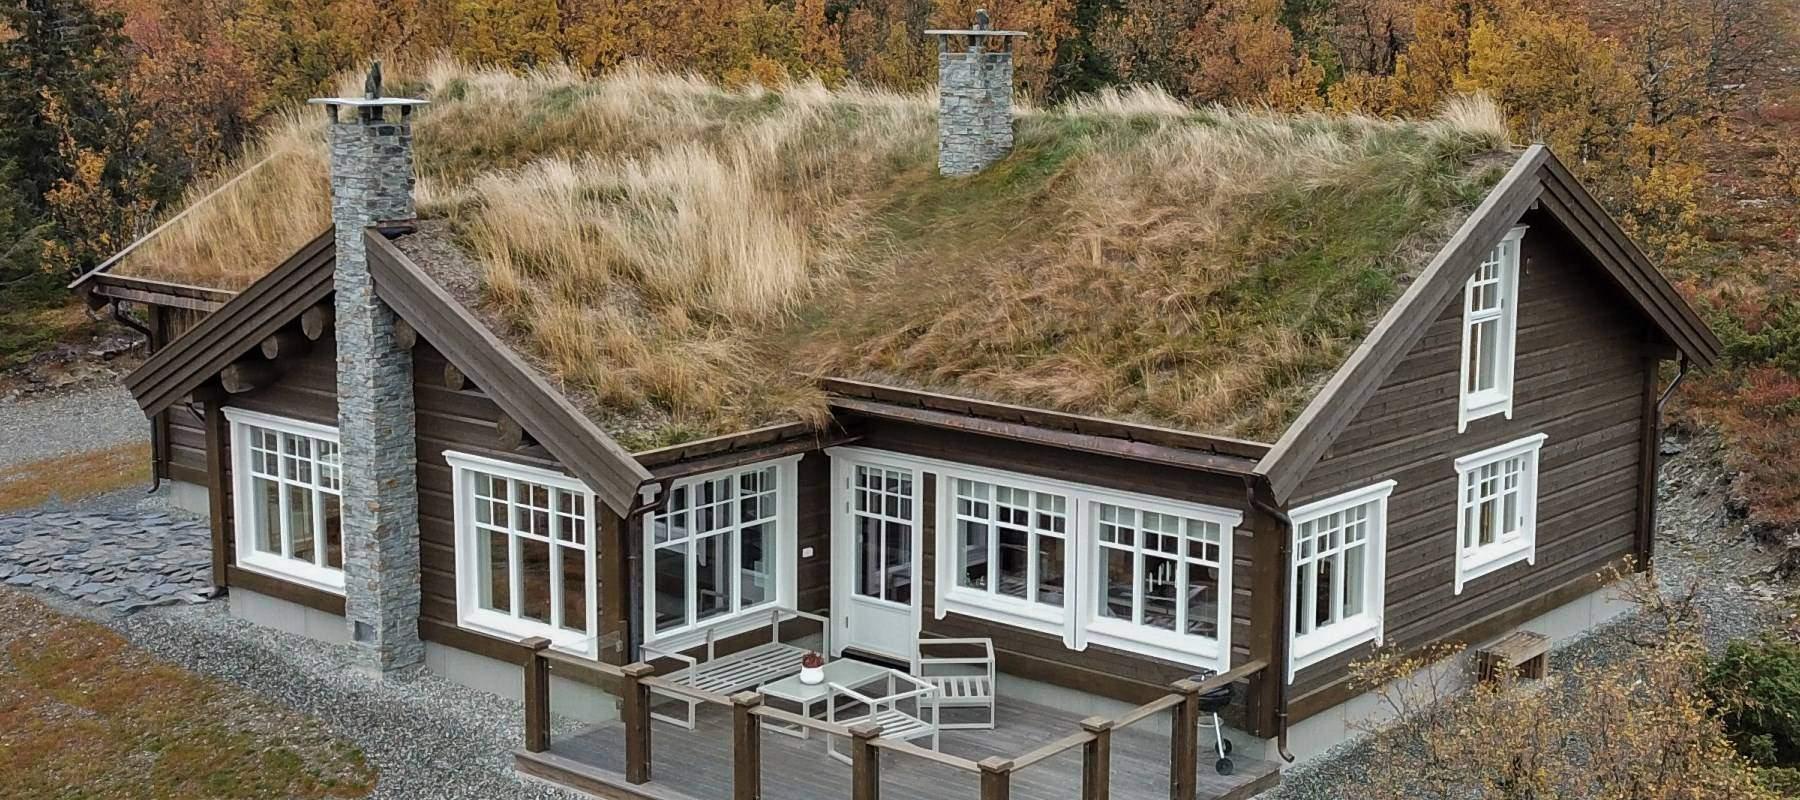 35 Hytteleverandor – Tiurtoppen Hytter Inspirasjon hytte pa Gålå